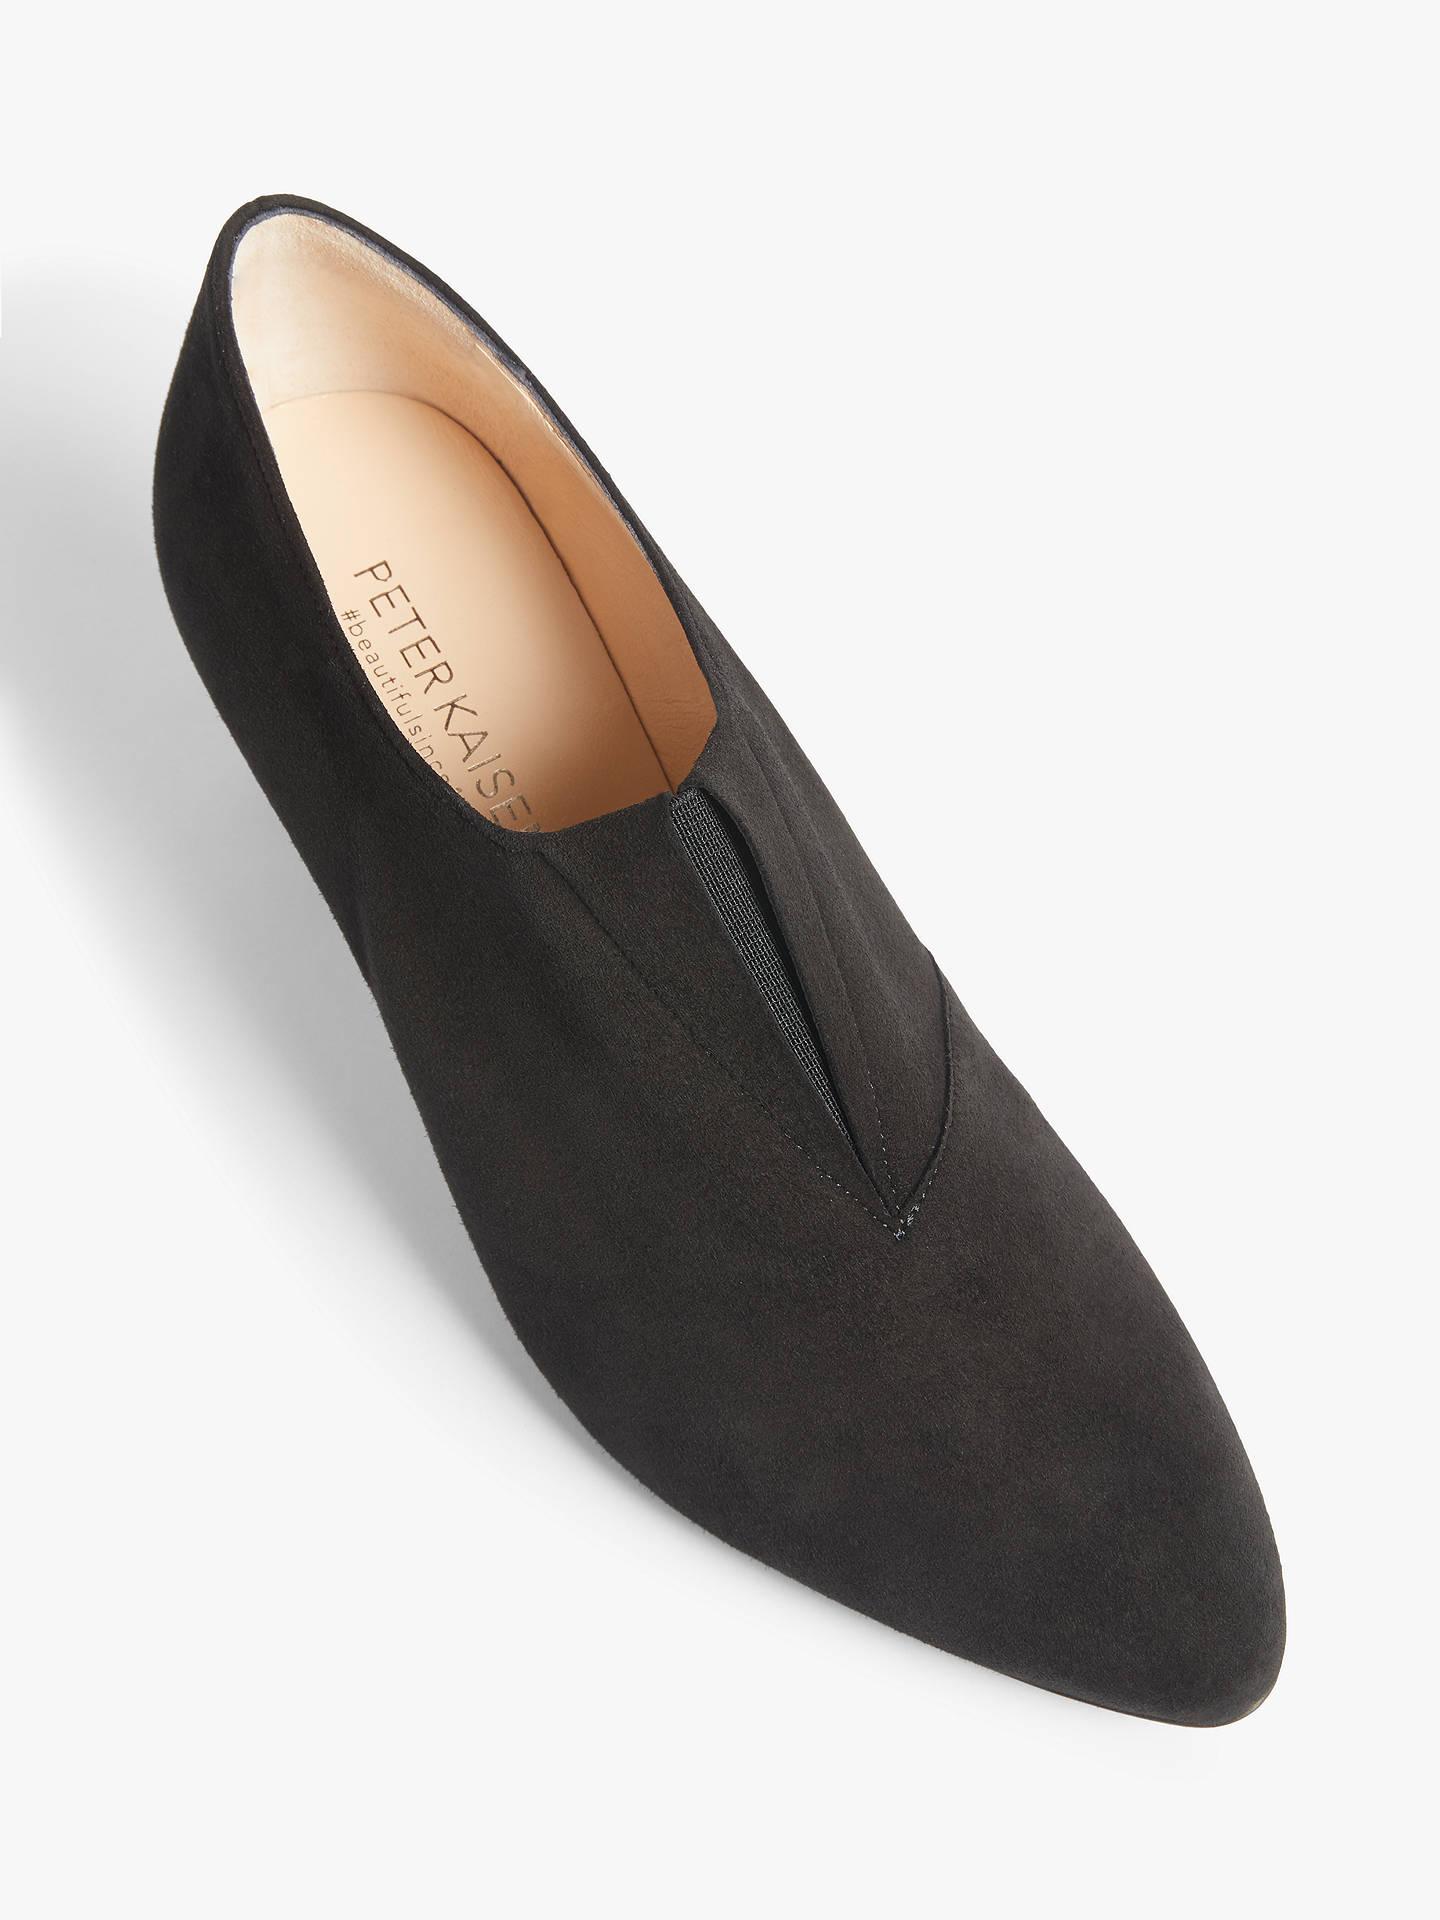 626c31d179a1 ... Buy Peter Kaiser Miaka Block Heel Shoe Boots